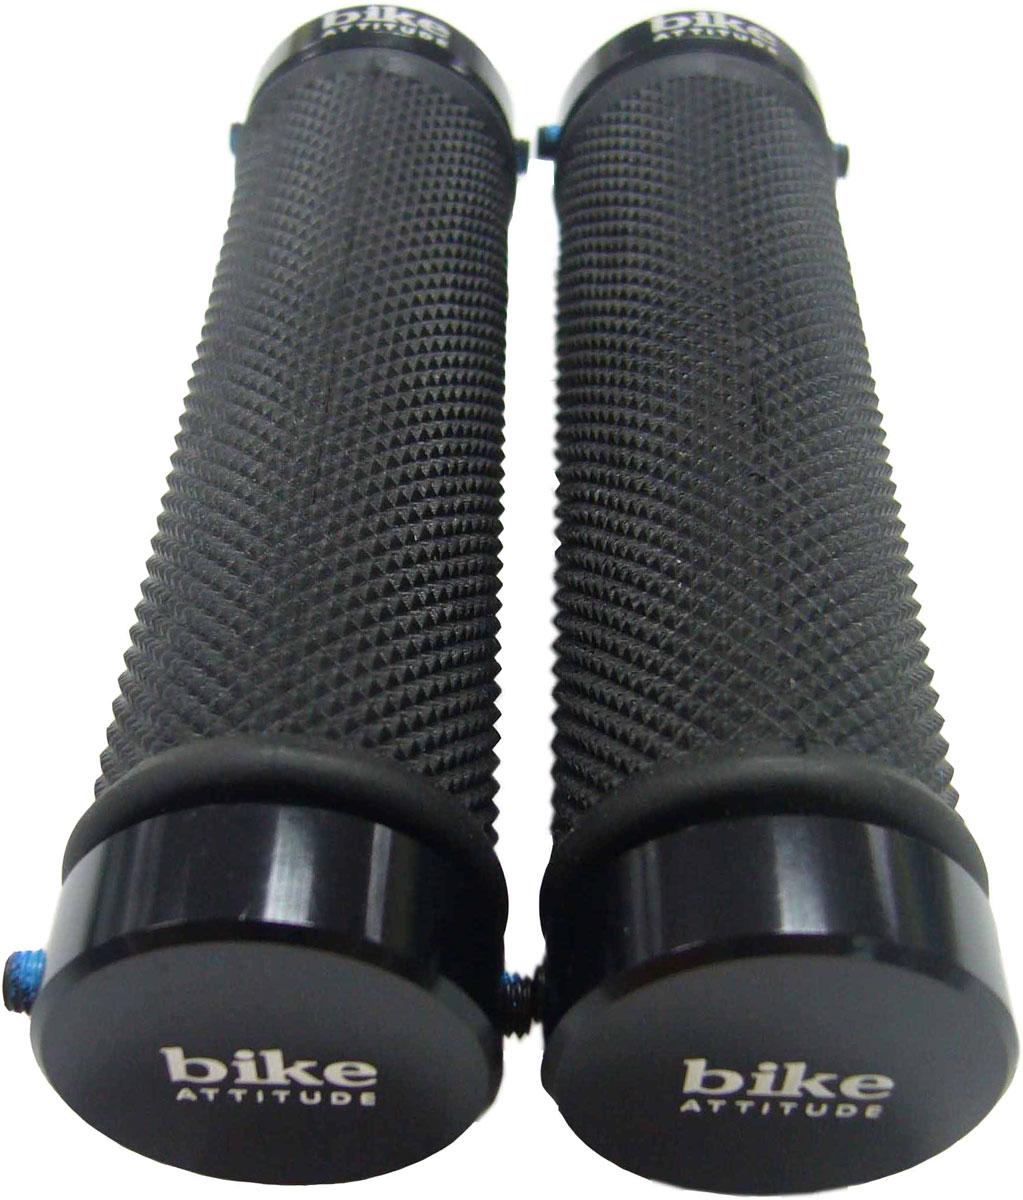 Грипсы Bike Attitude VLG775, с фиксатором, длина 13 см, цвет: черный